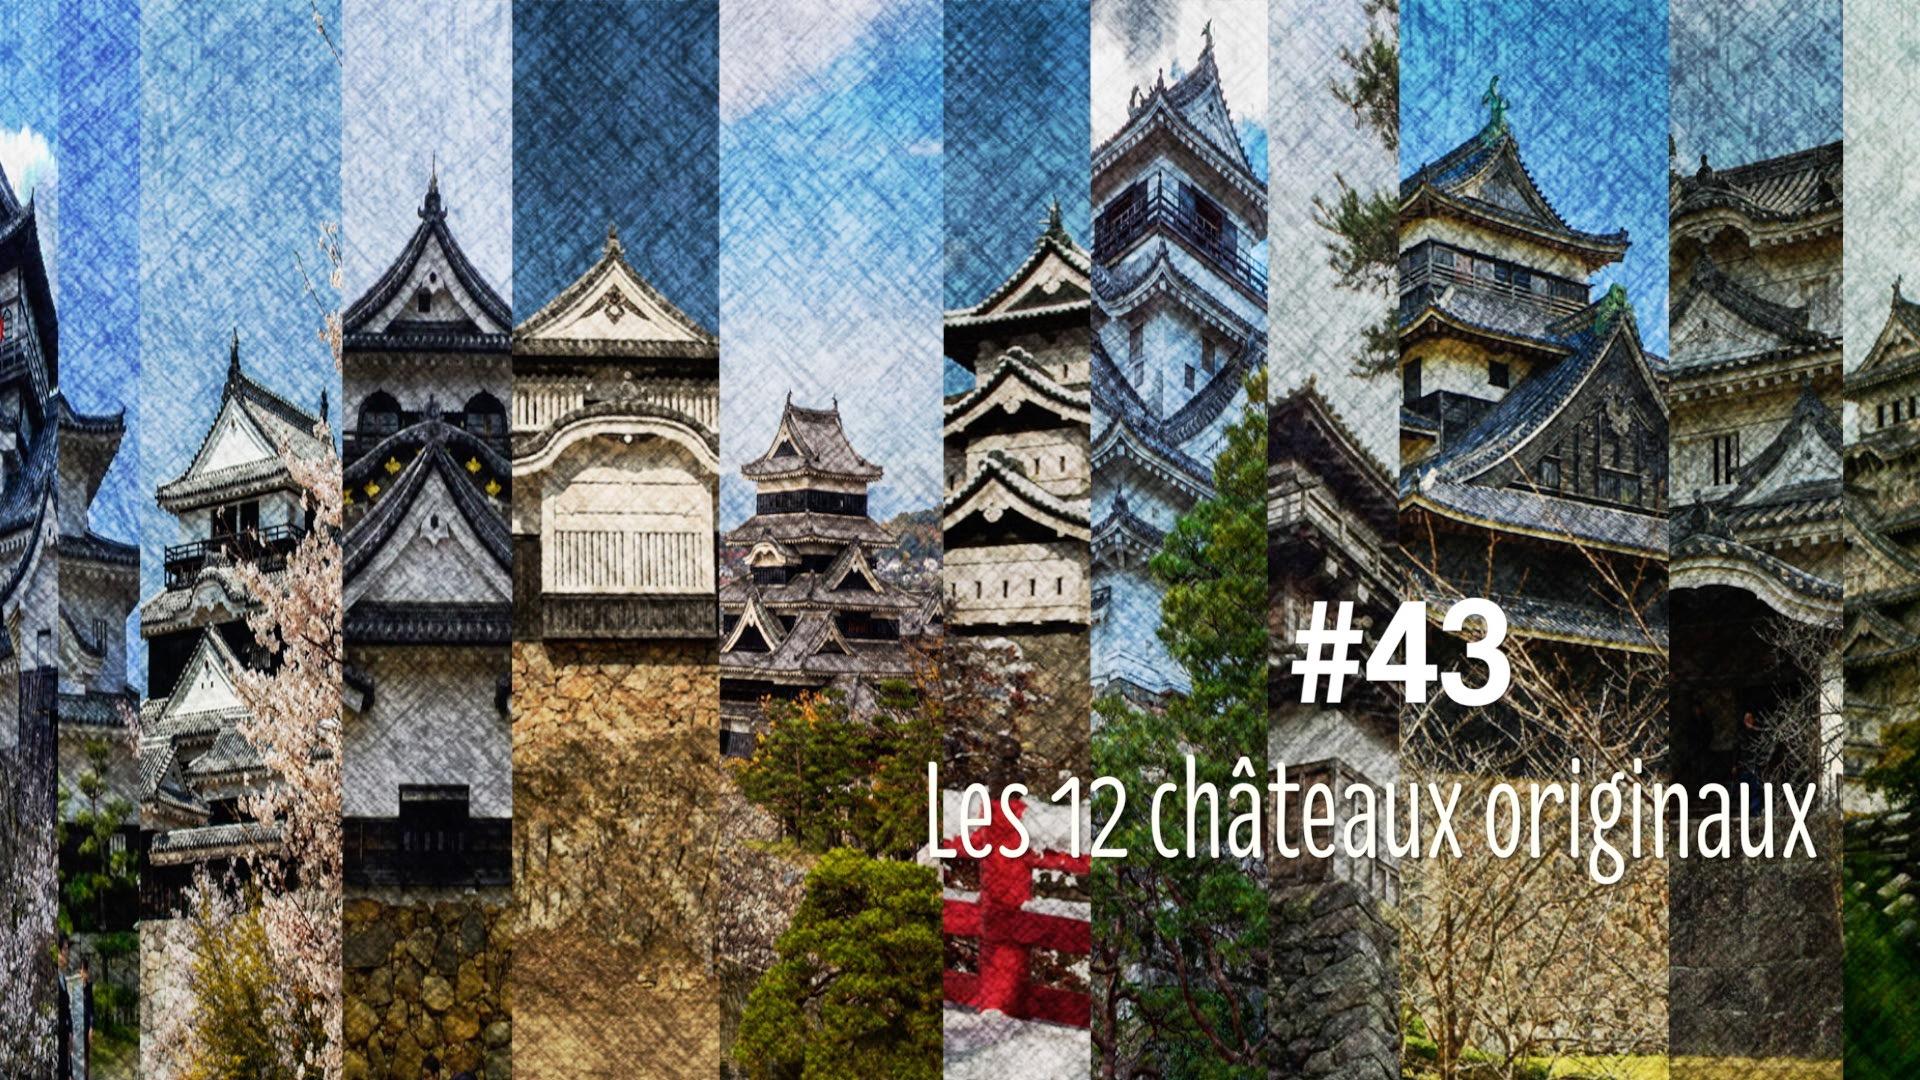 Les 12 châteaux originaux au Japon (#43)